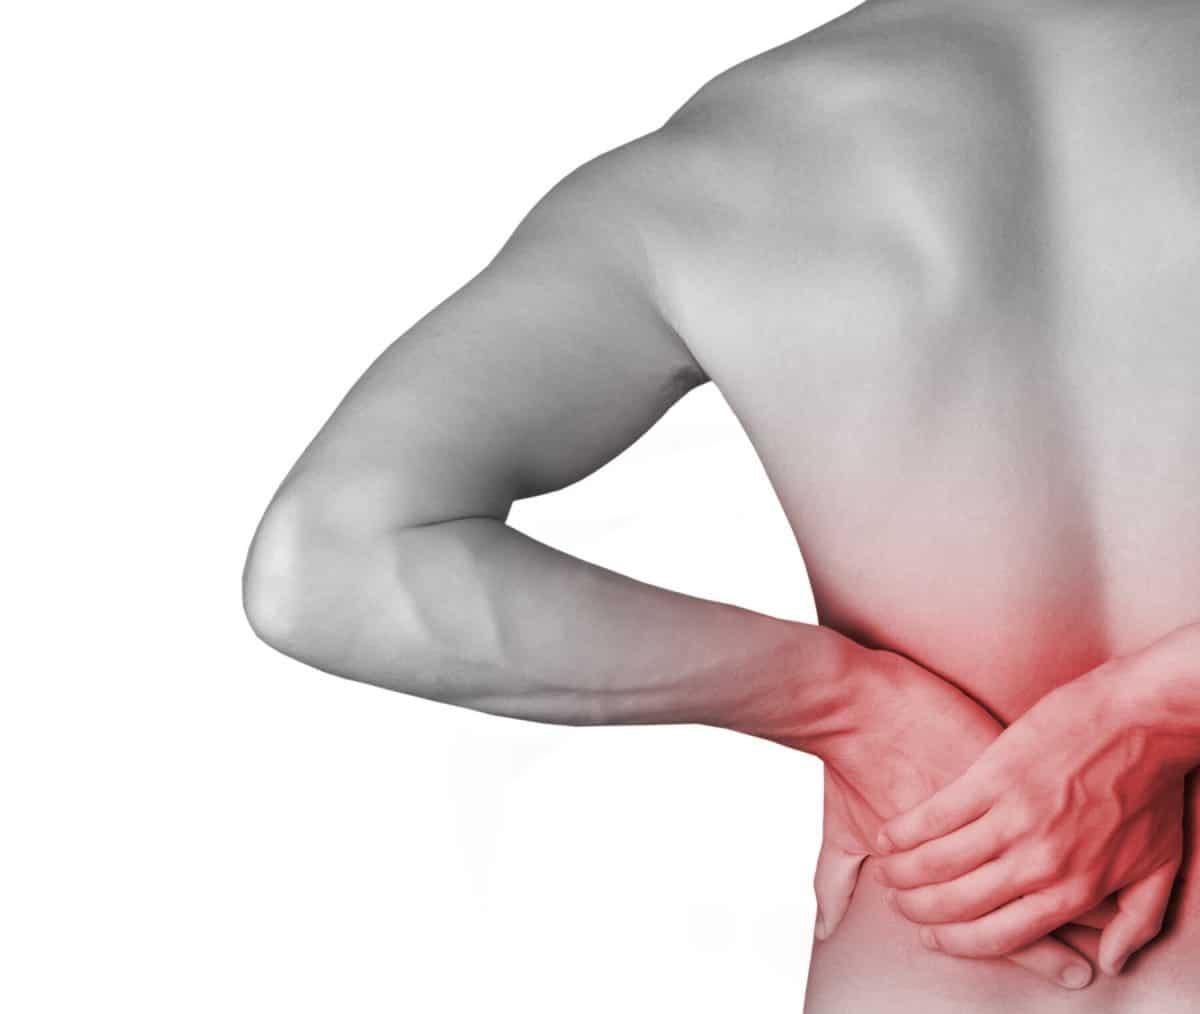 Douleurs en haut du dos: quelles en sont les principales causes?